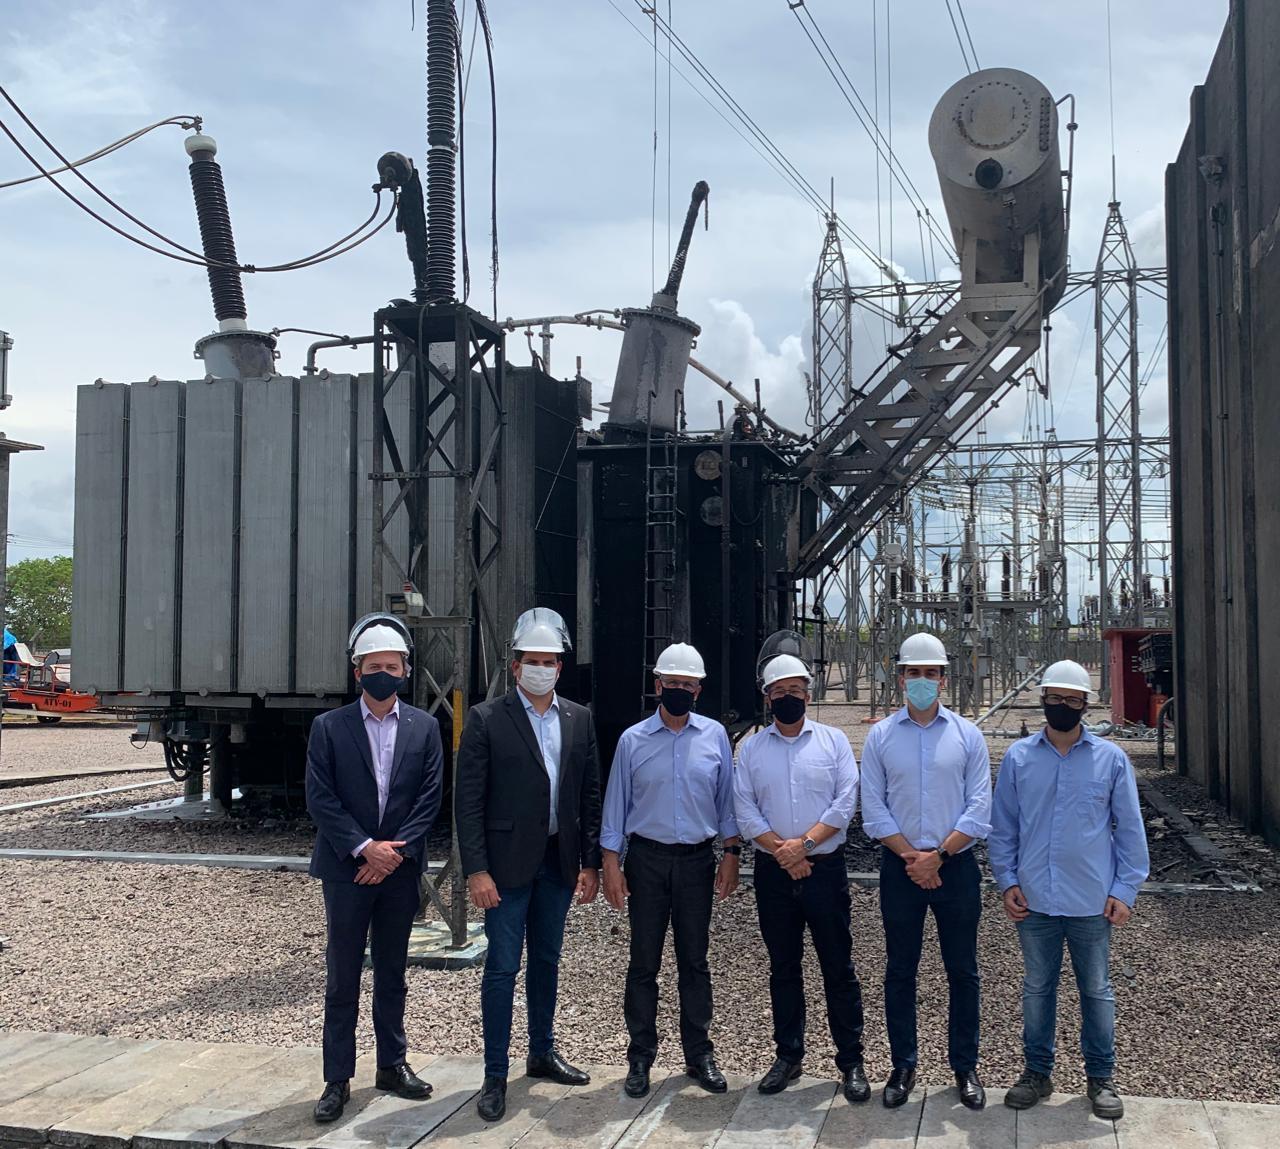 Amapá crisis could jeopardize Roraima power project